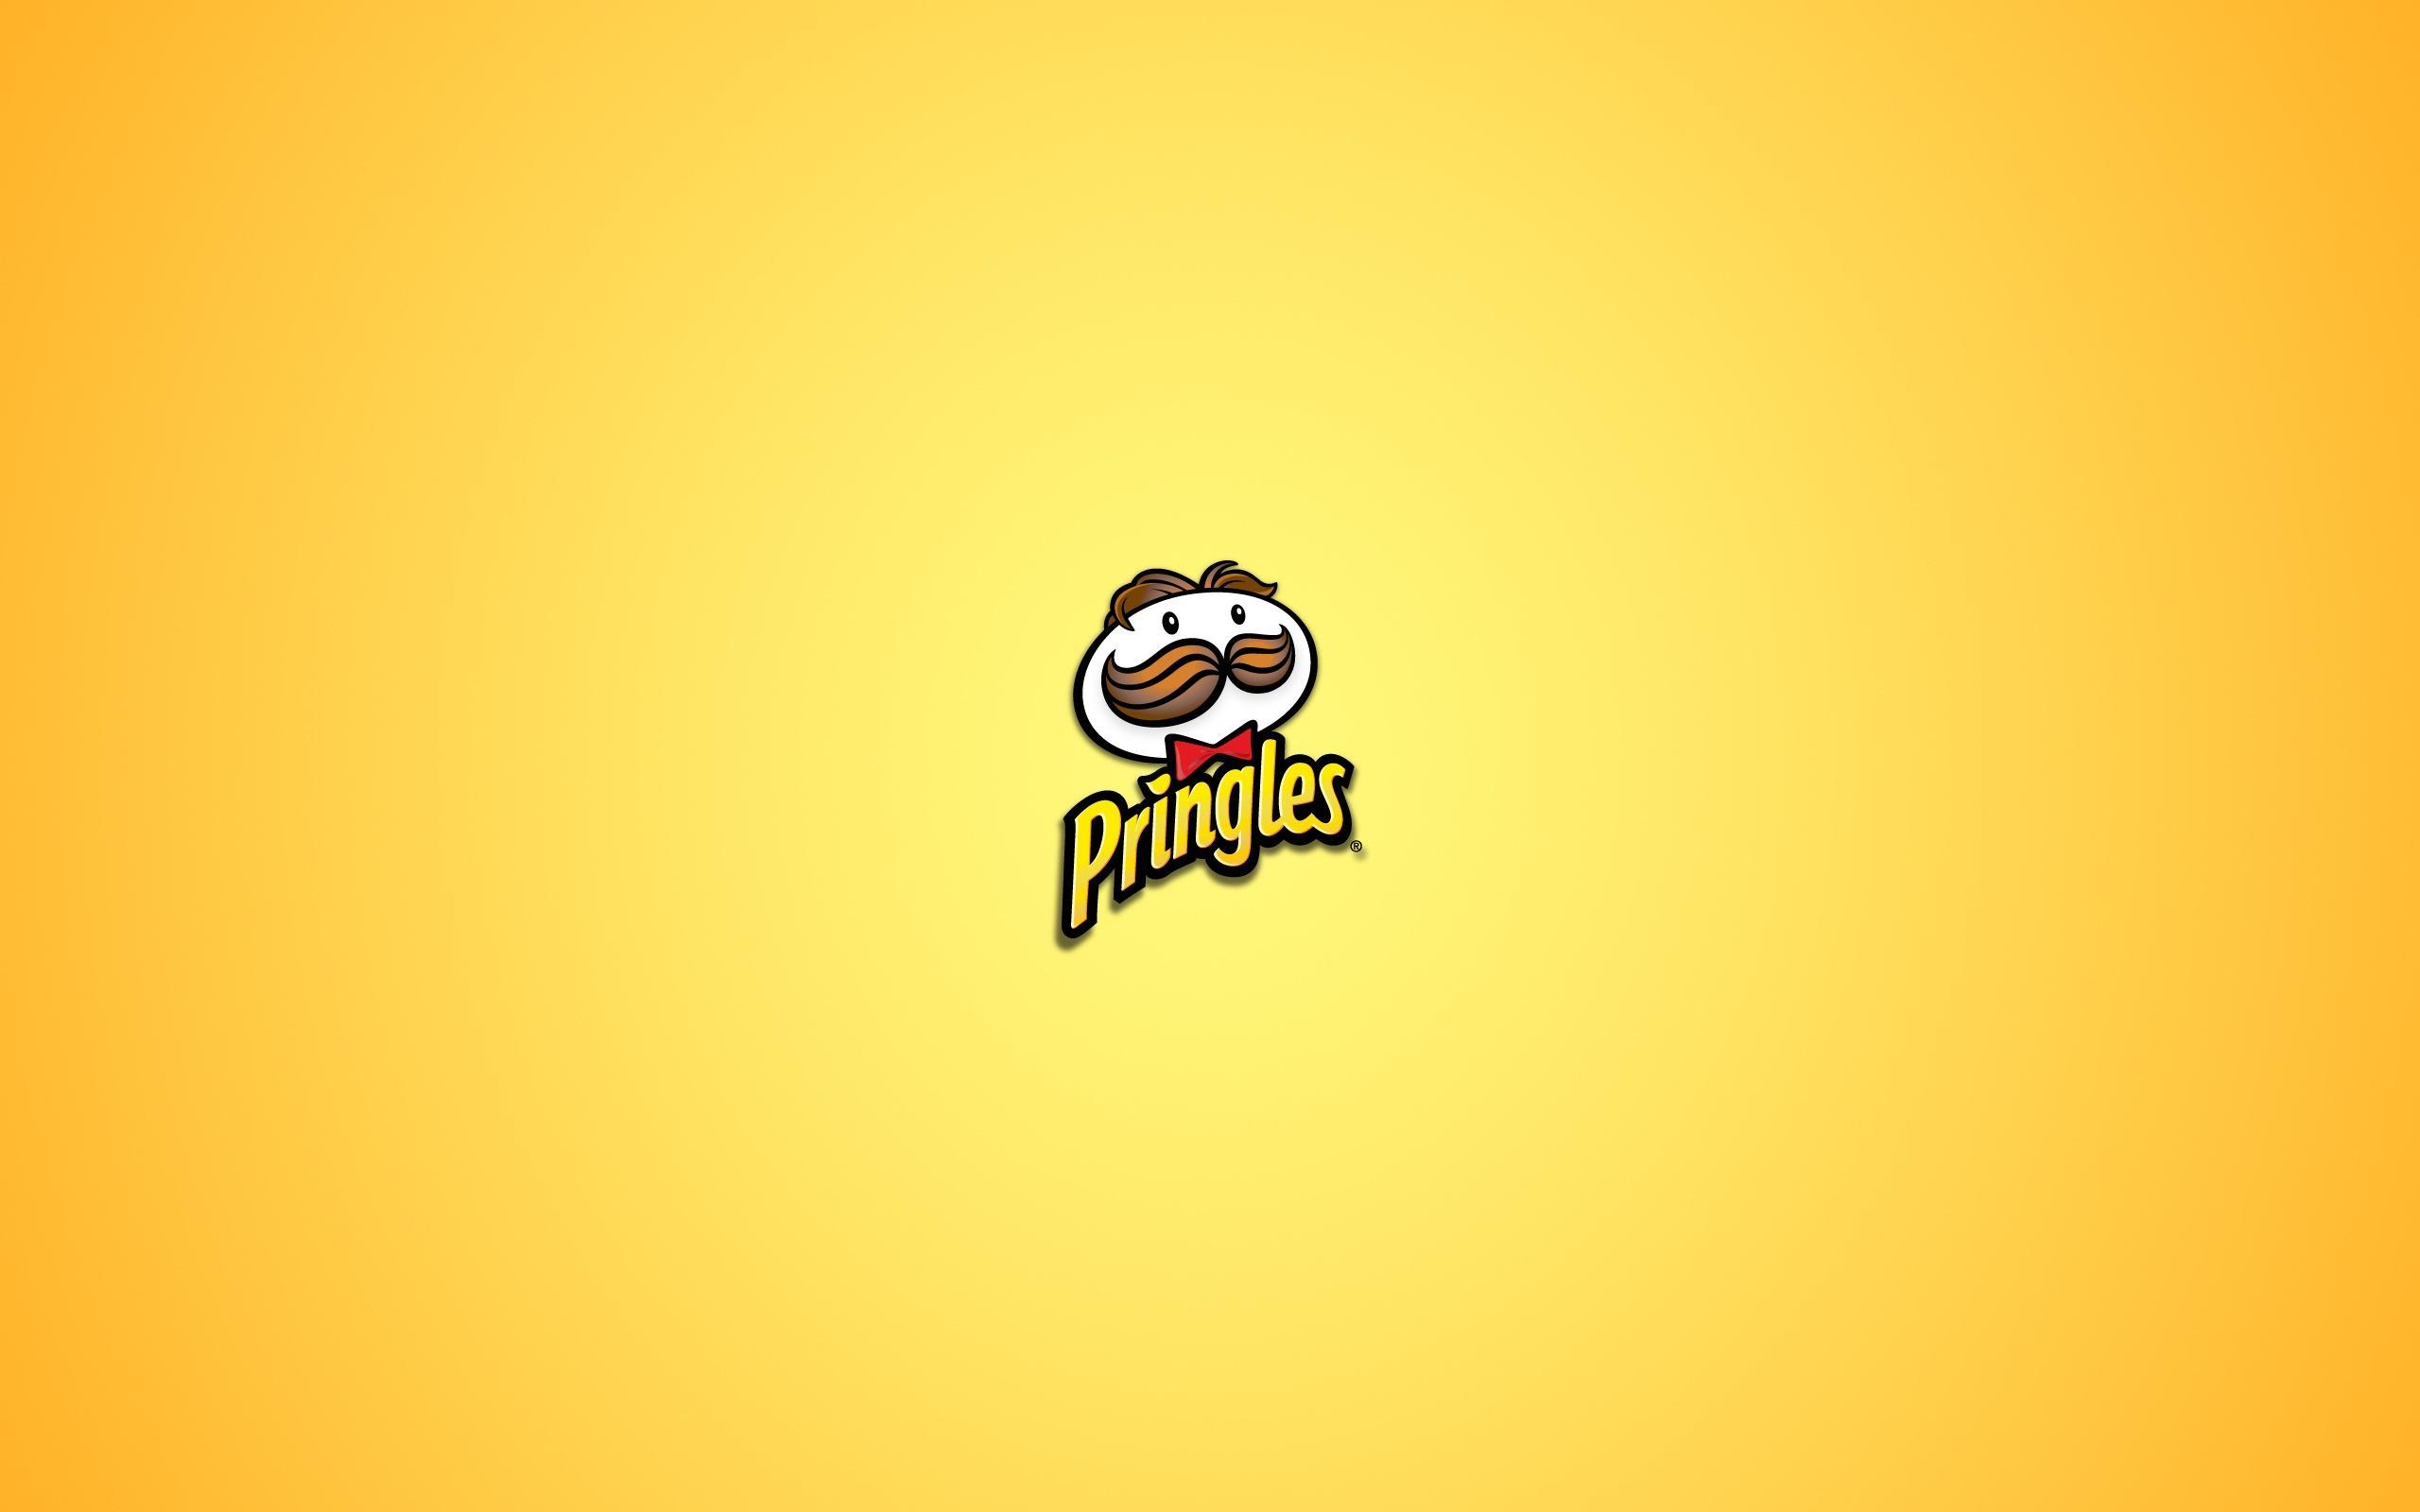 Pringles 6915905 2560x1600